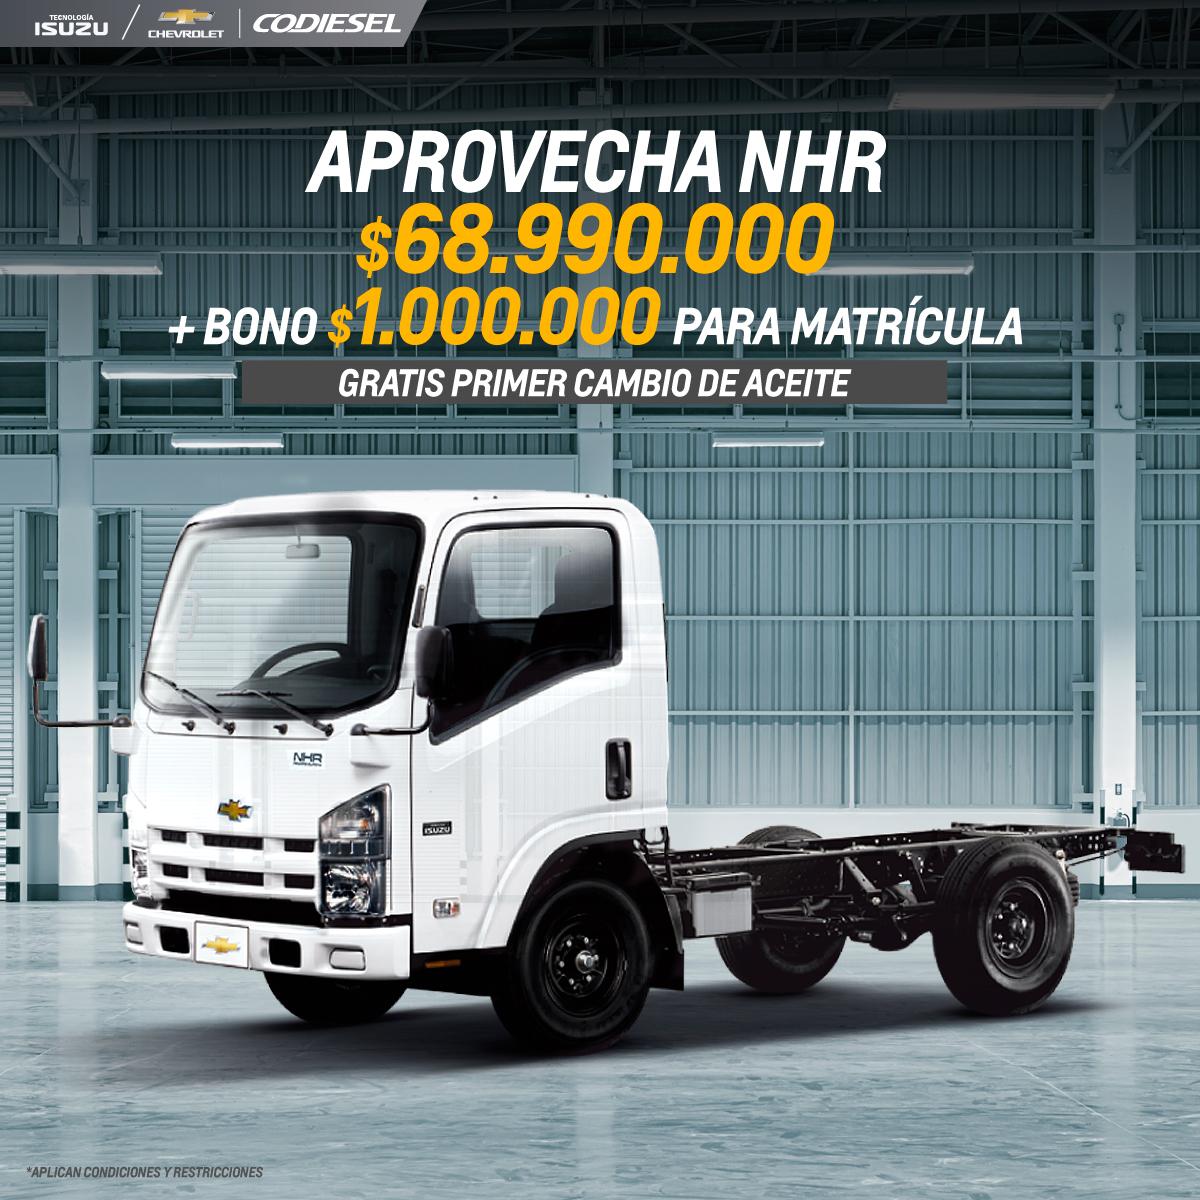 APROVECHA NHR $68.990.000